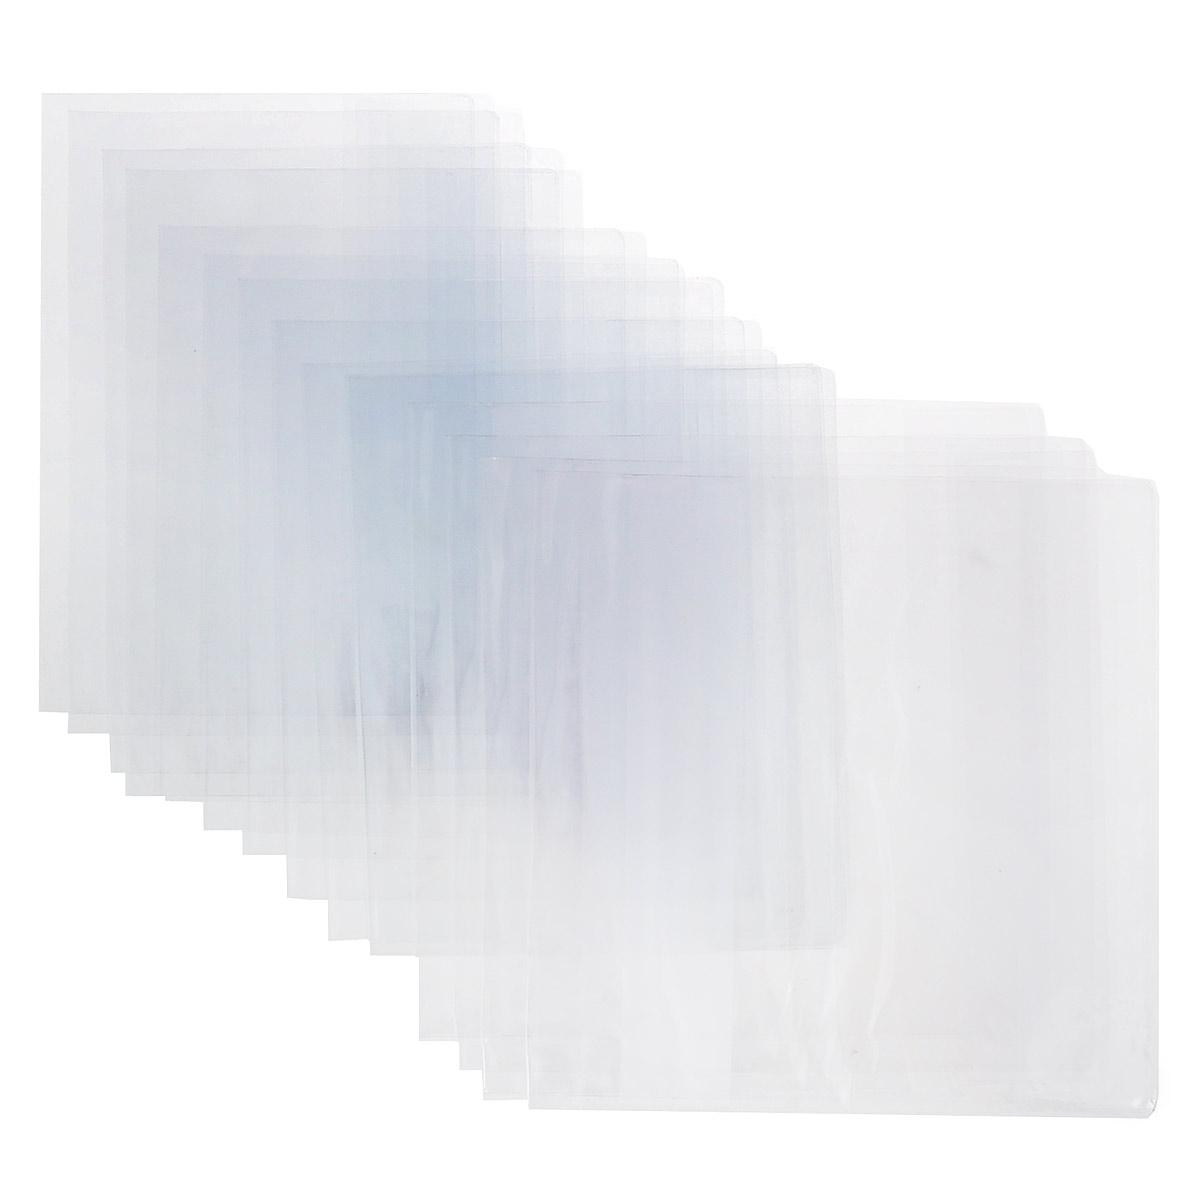 Набор обложек для старших классов Брупак, цвет: прозрачный, 15 штК10-02Прозрачные гладкие обложки, выполненные из ПВХ, защитят учебники и тетради от загрязнений на всем протяжении их использования.Комплект включает в себя пятнадцать обложек: четыре универсальные обложки для учебников размером 23 см х 46,5 см, четыре обложки для учебников старших классов размером 23 см х 33 см, семь обложек для тетрадей и дневников размером 21 см х 35,5 см.